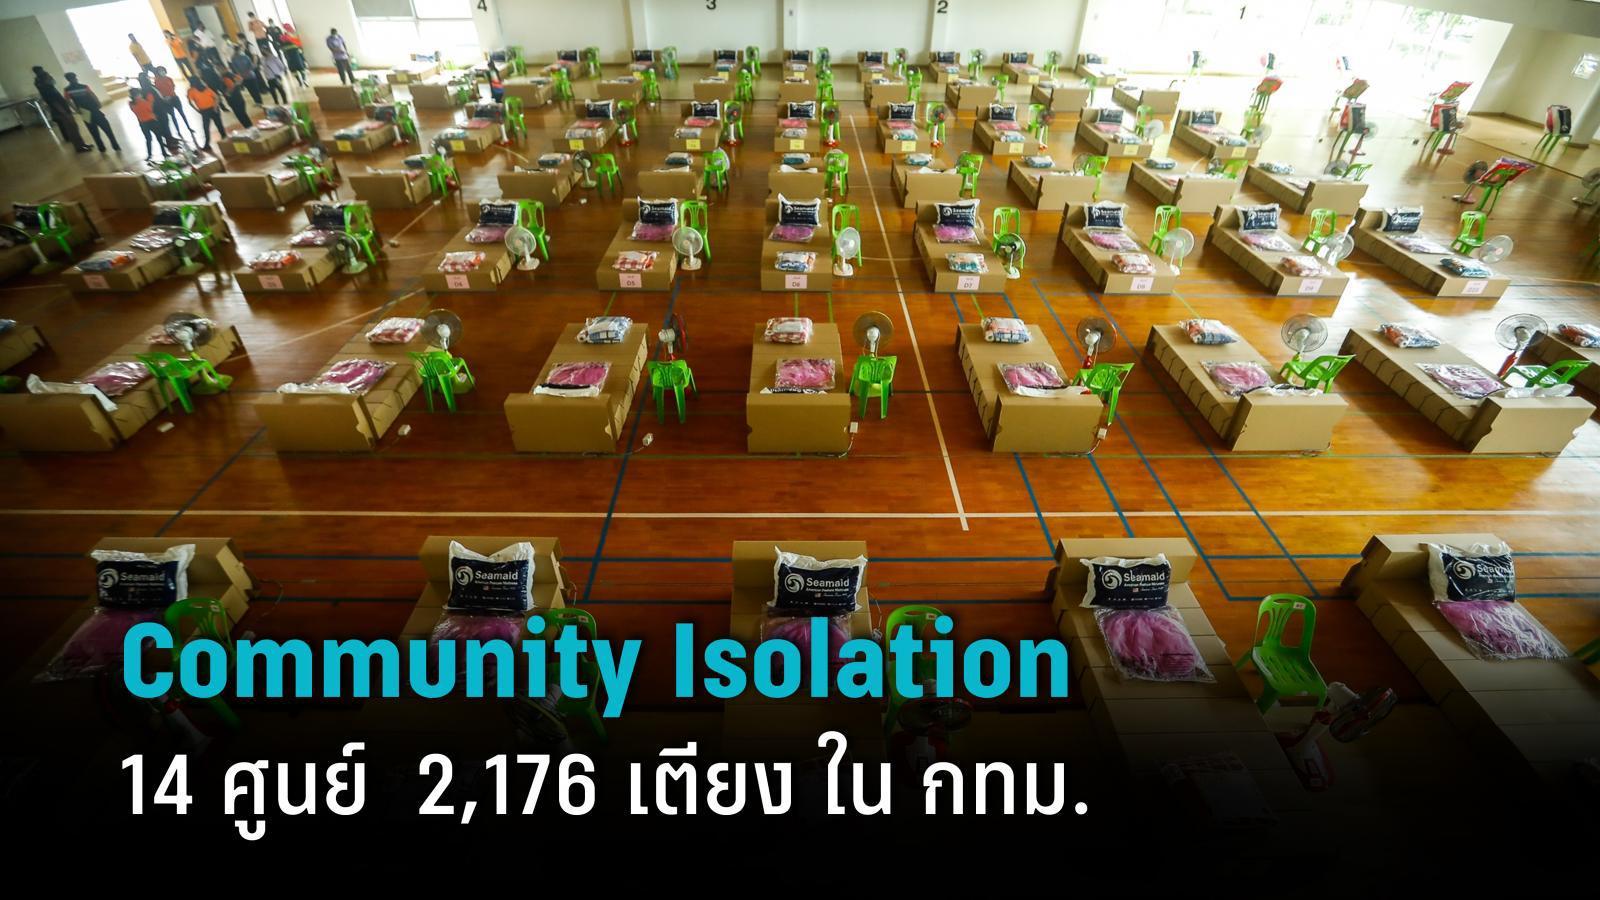 Community Isolation รวมไว้ที่นี่  14 ศูนย์  2,176 เตียง ใน กทม.